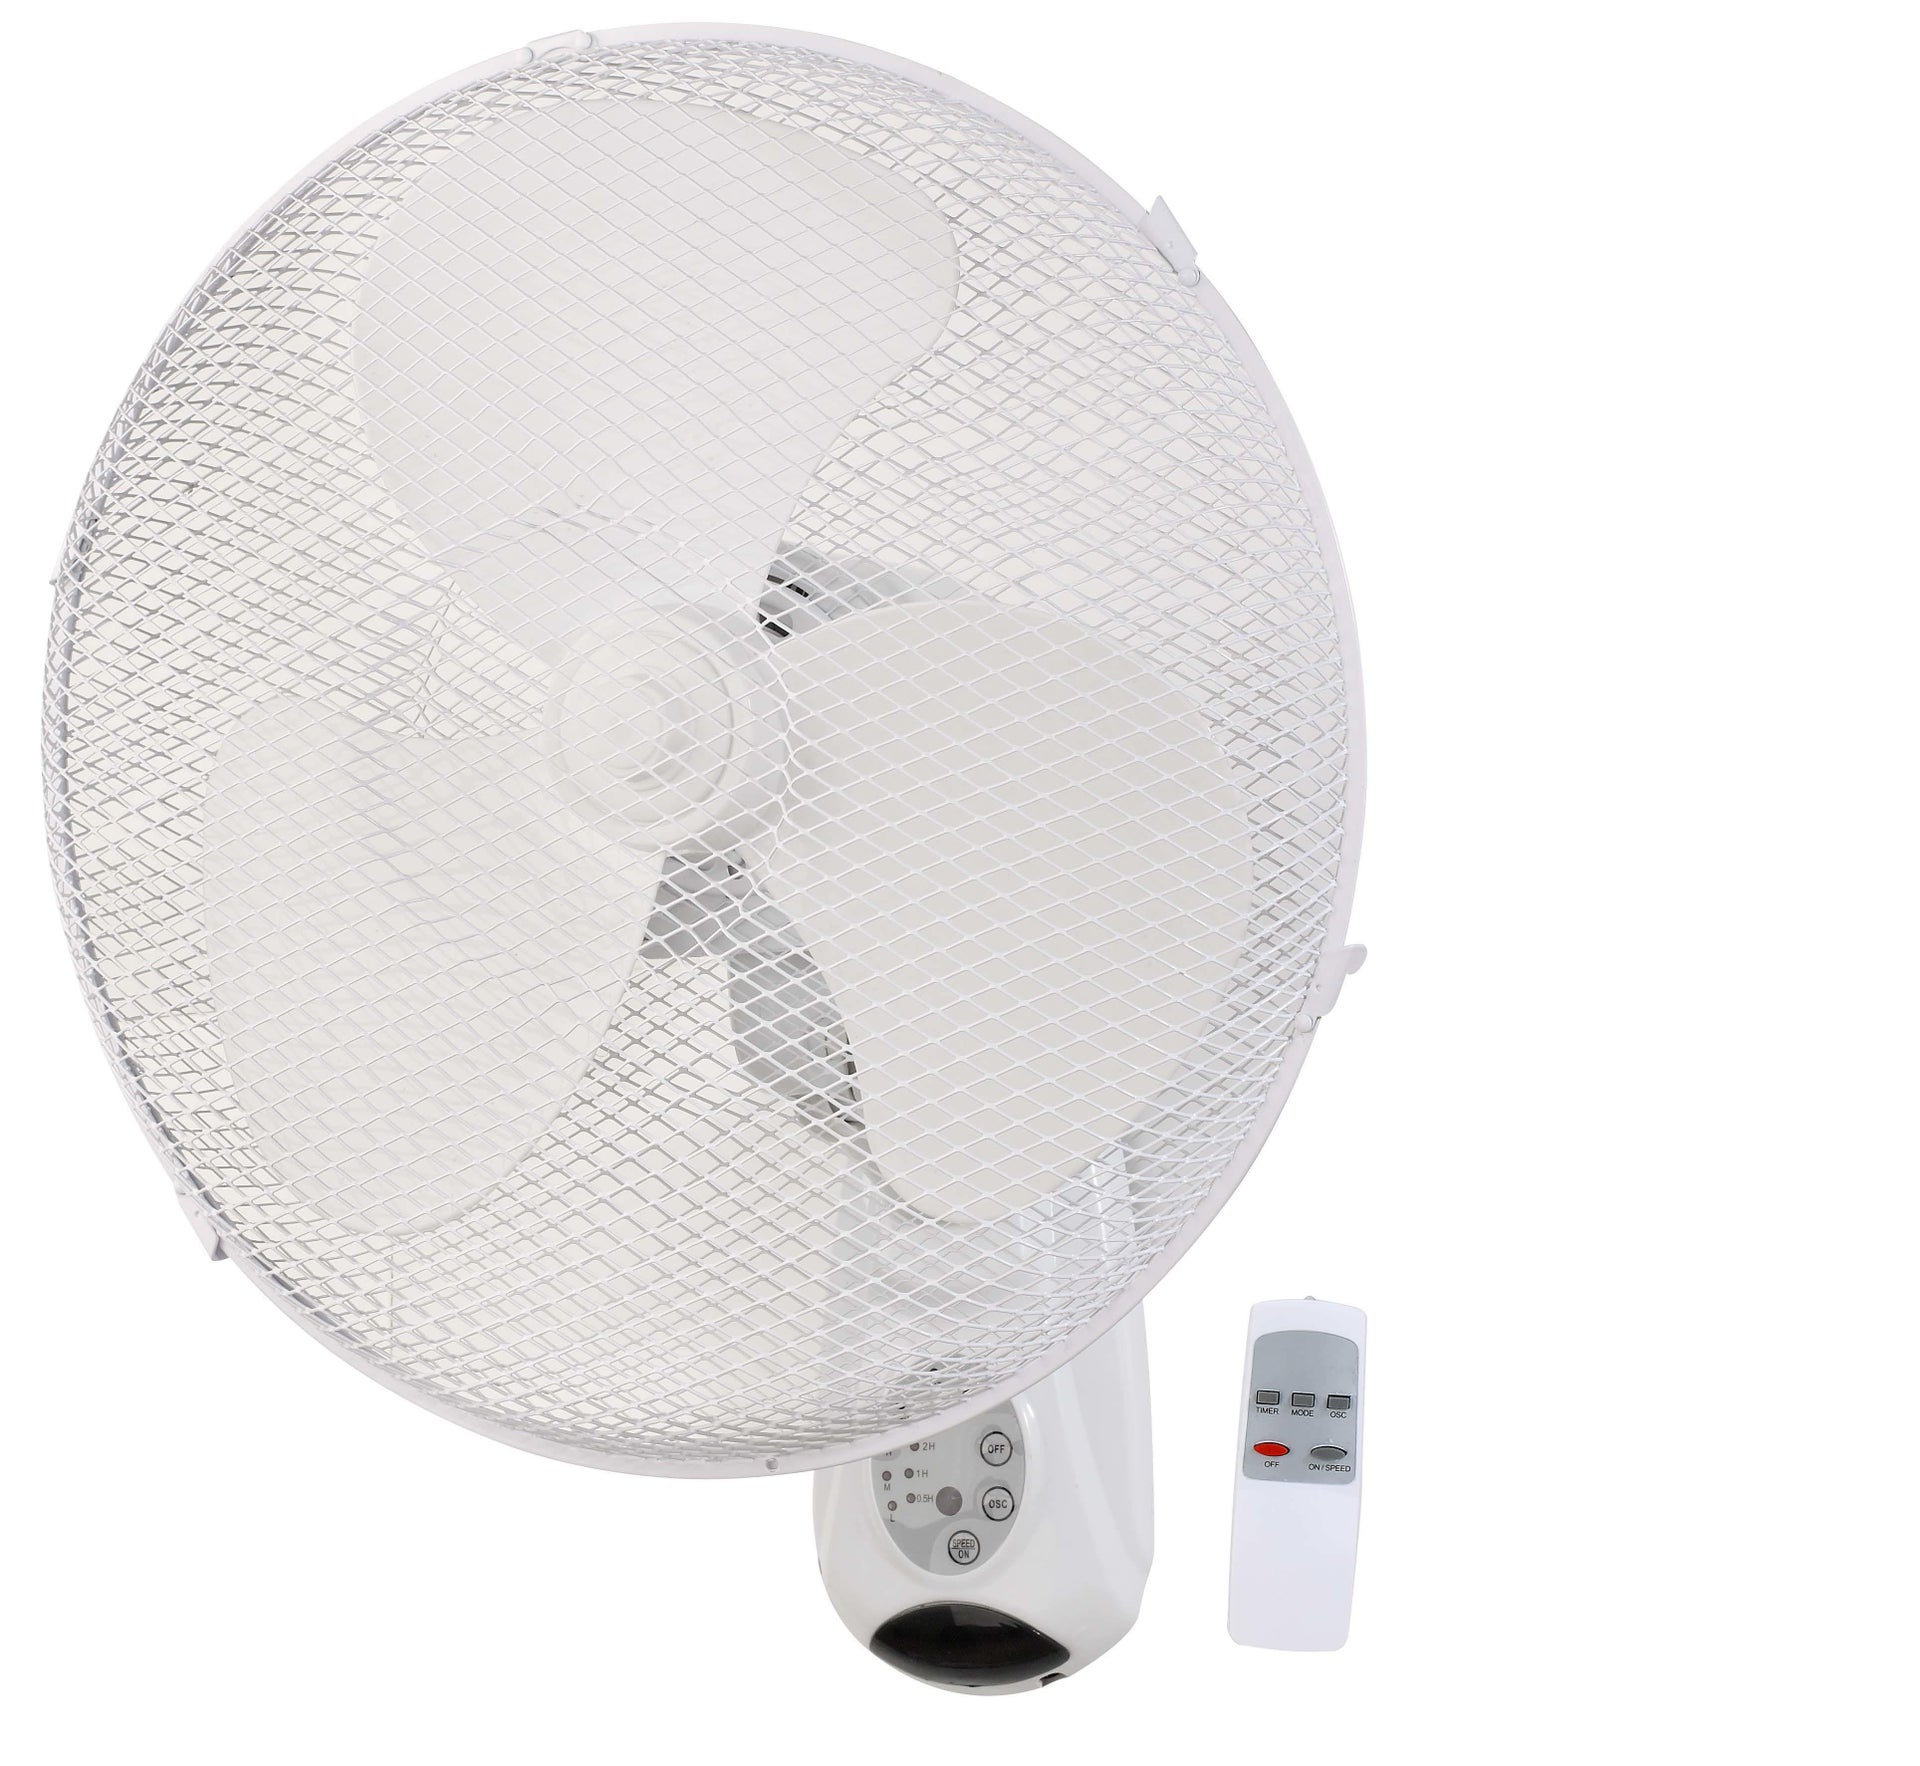 Ventilatore a parete EQUATION Derby bianco 45.0 W Ø 40.0 cm - 5